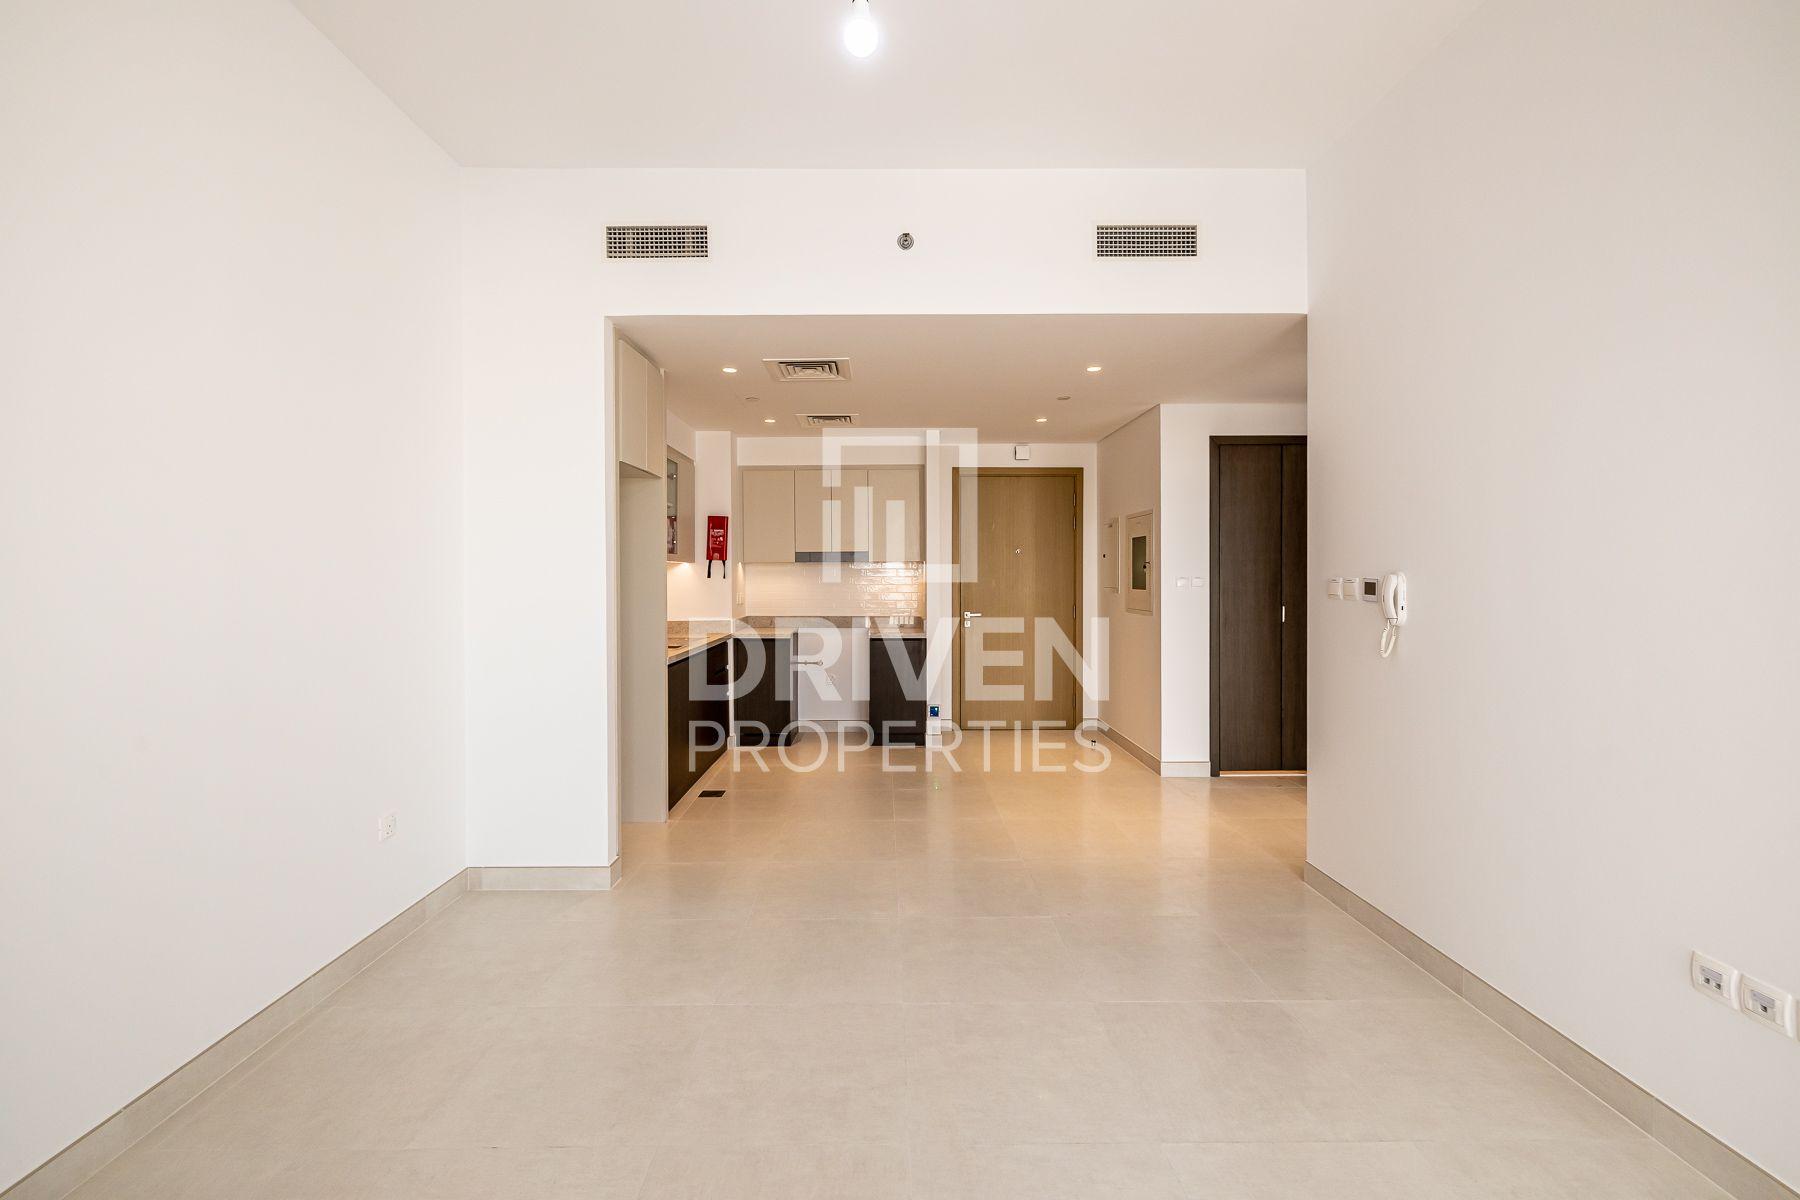 674 قدم مربع  شقة - للبيع - ميناء خور دبي